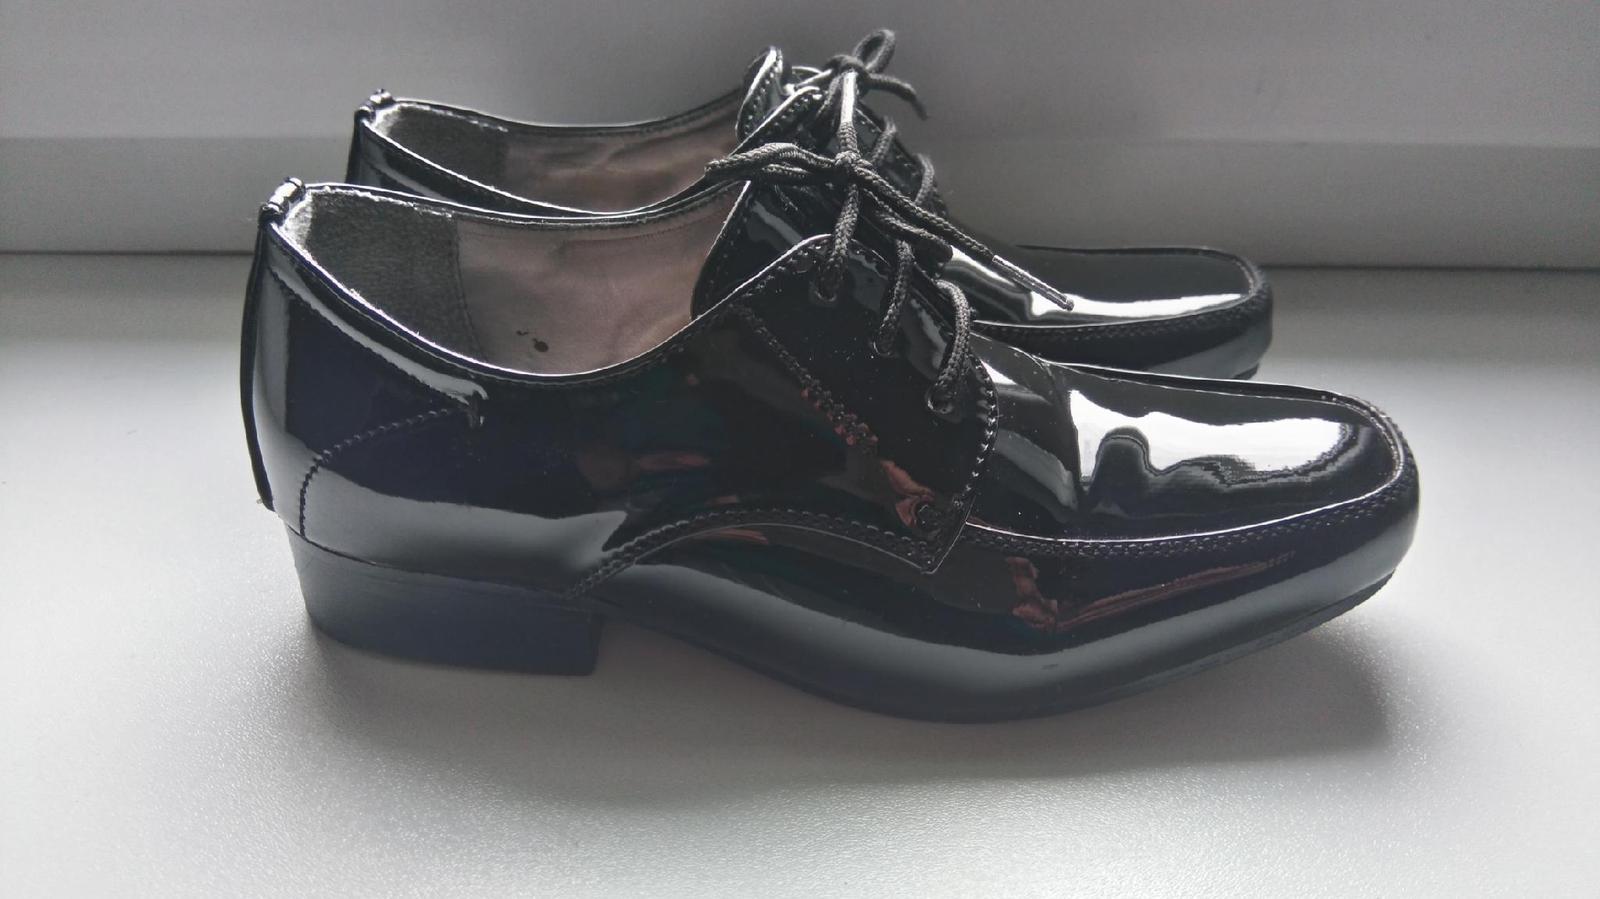 Chlapecké boty Vivaki kožené - Obrázek č. 1